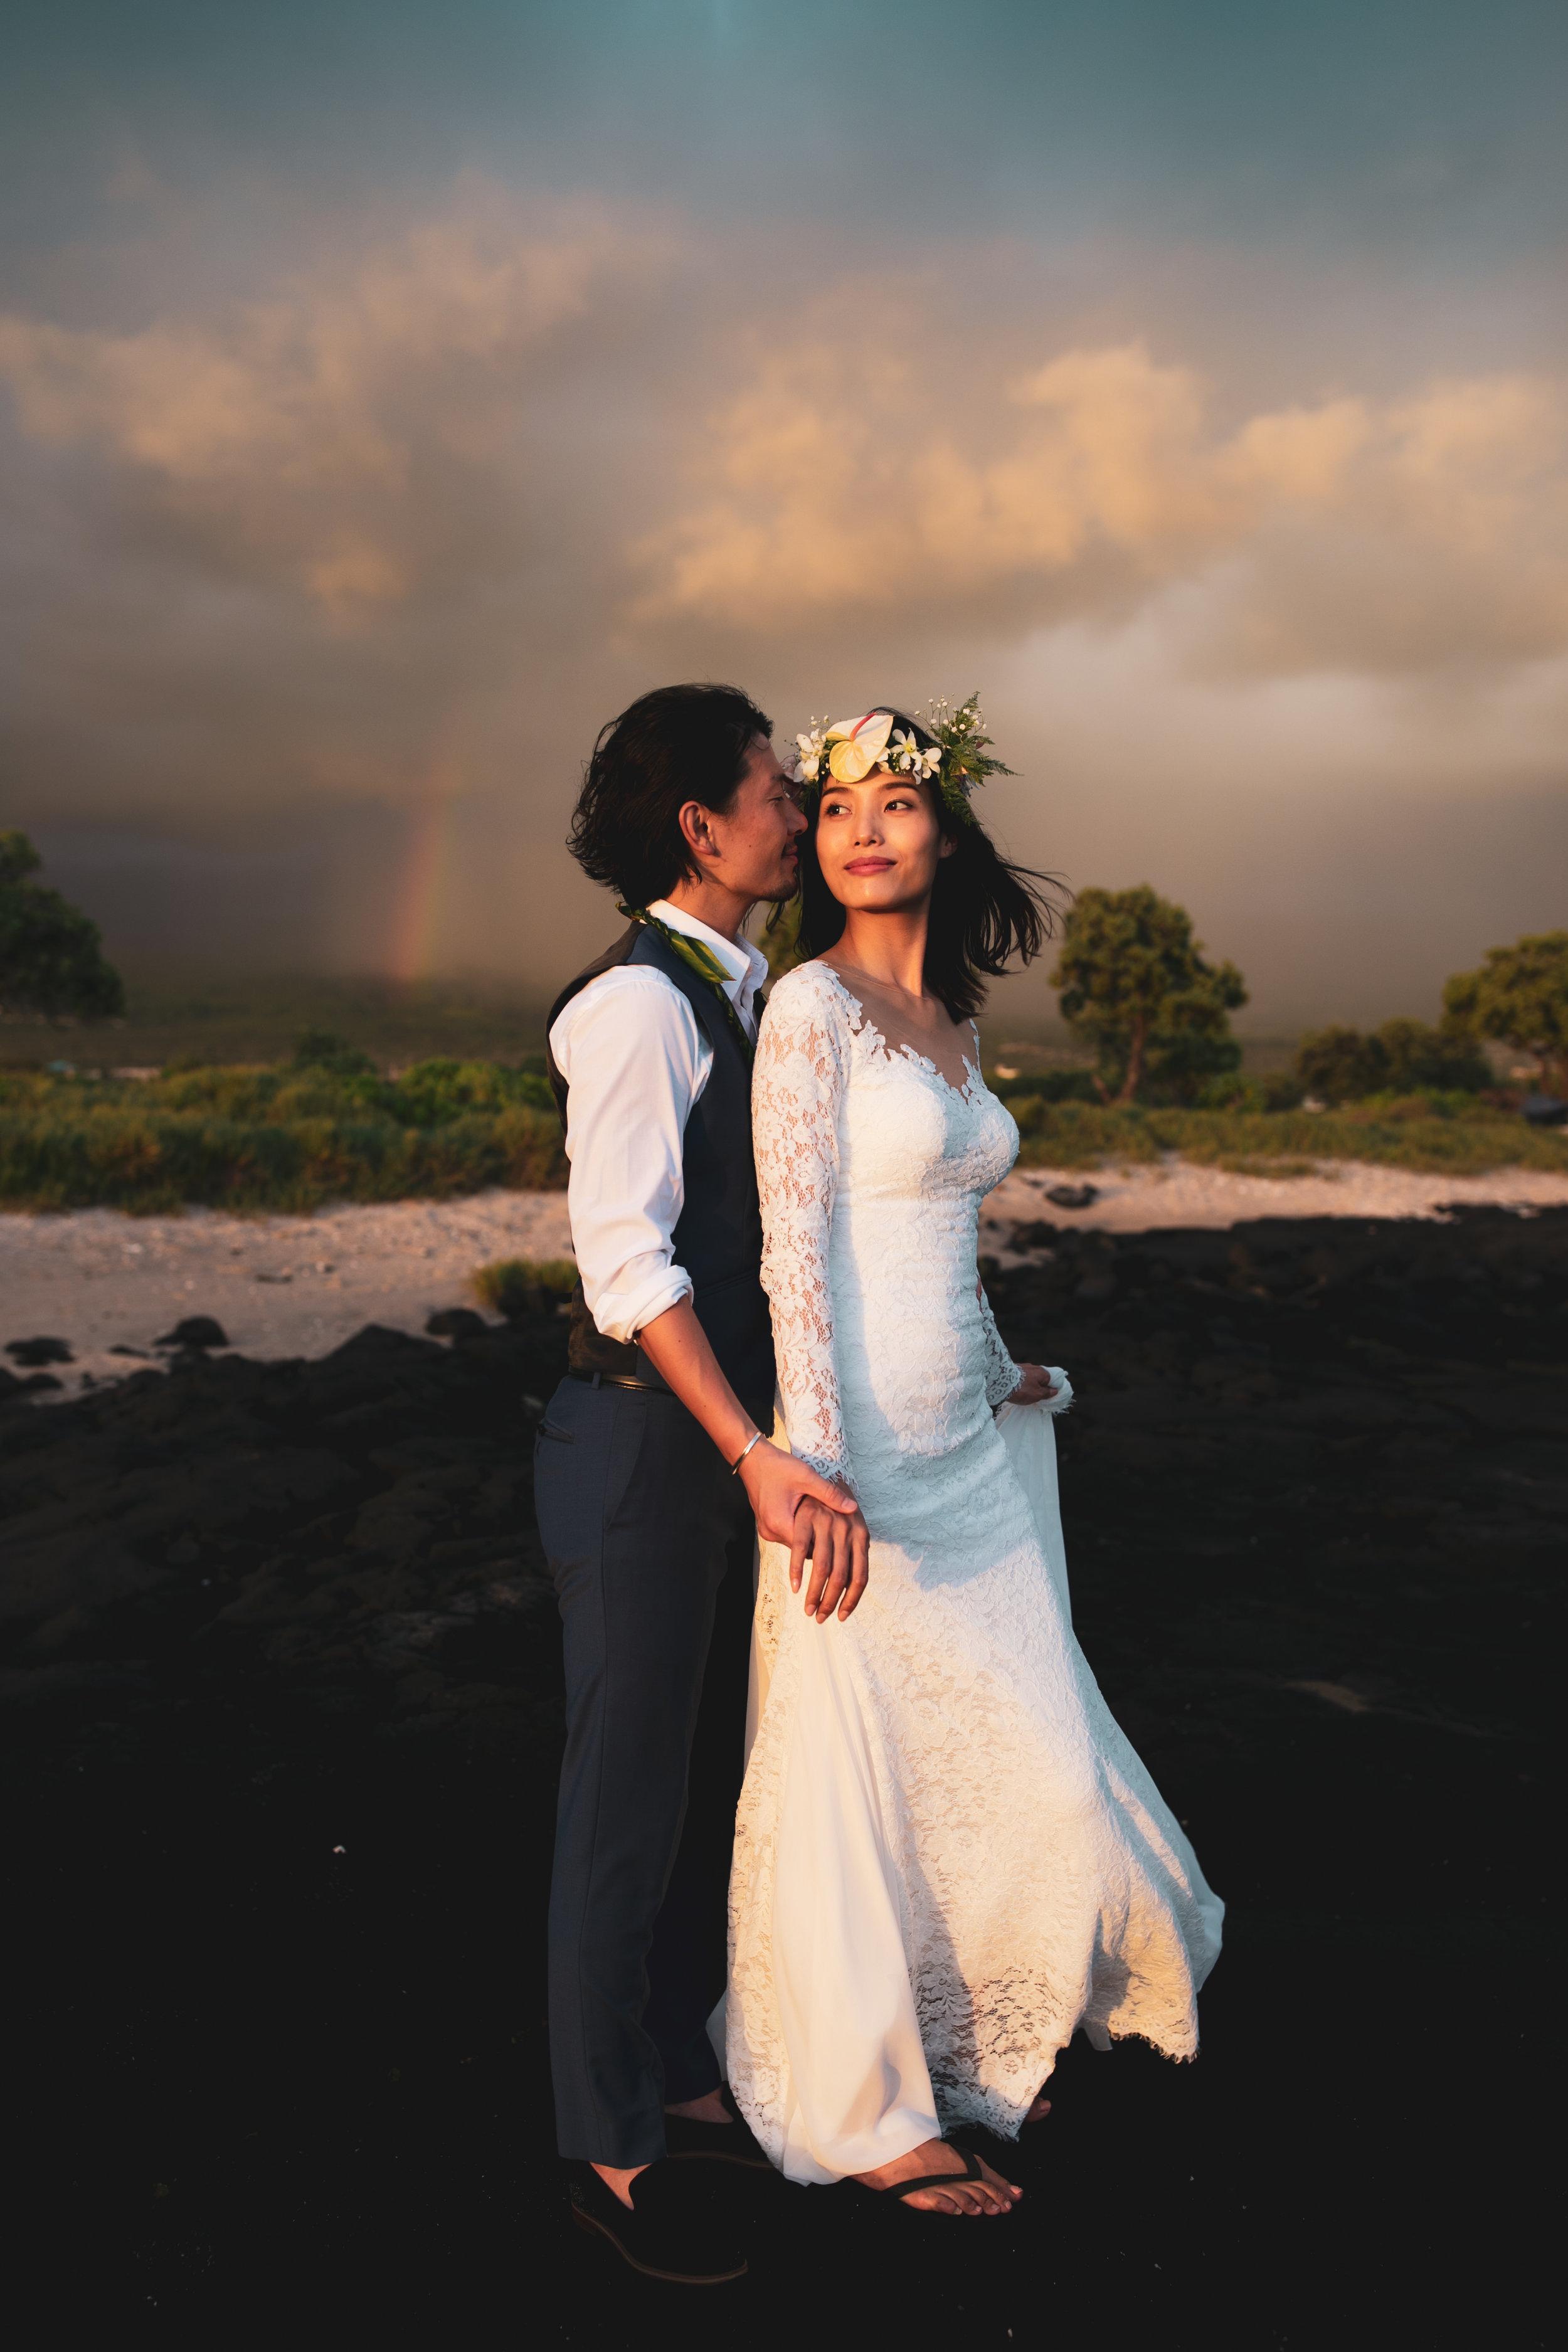 big island hawaii kelilina photography 20190711185618-1.jpg